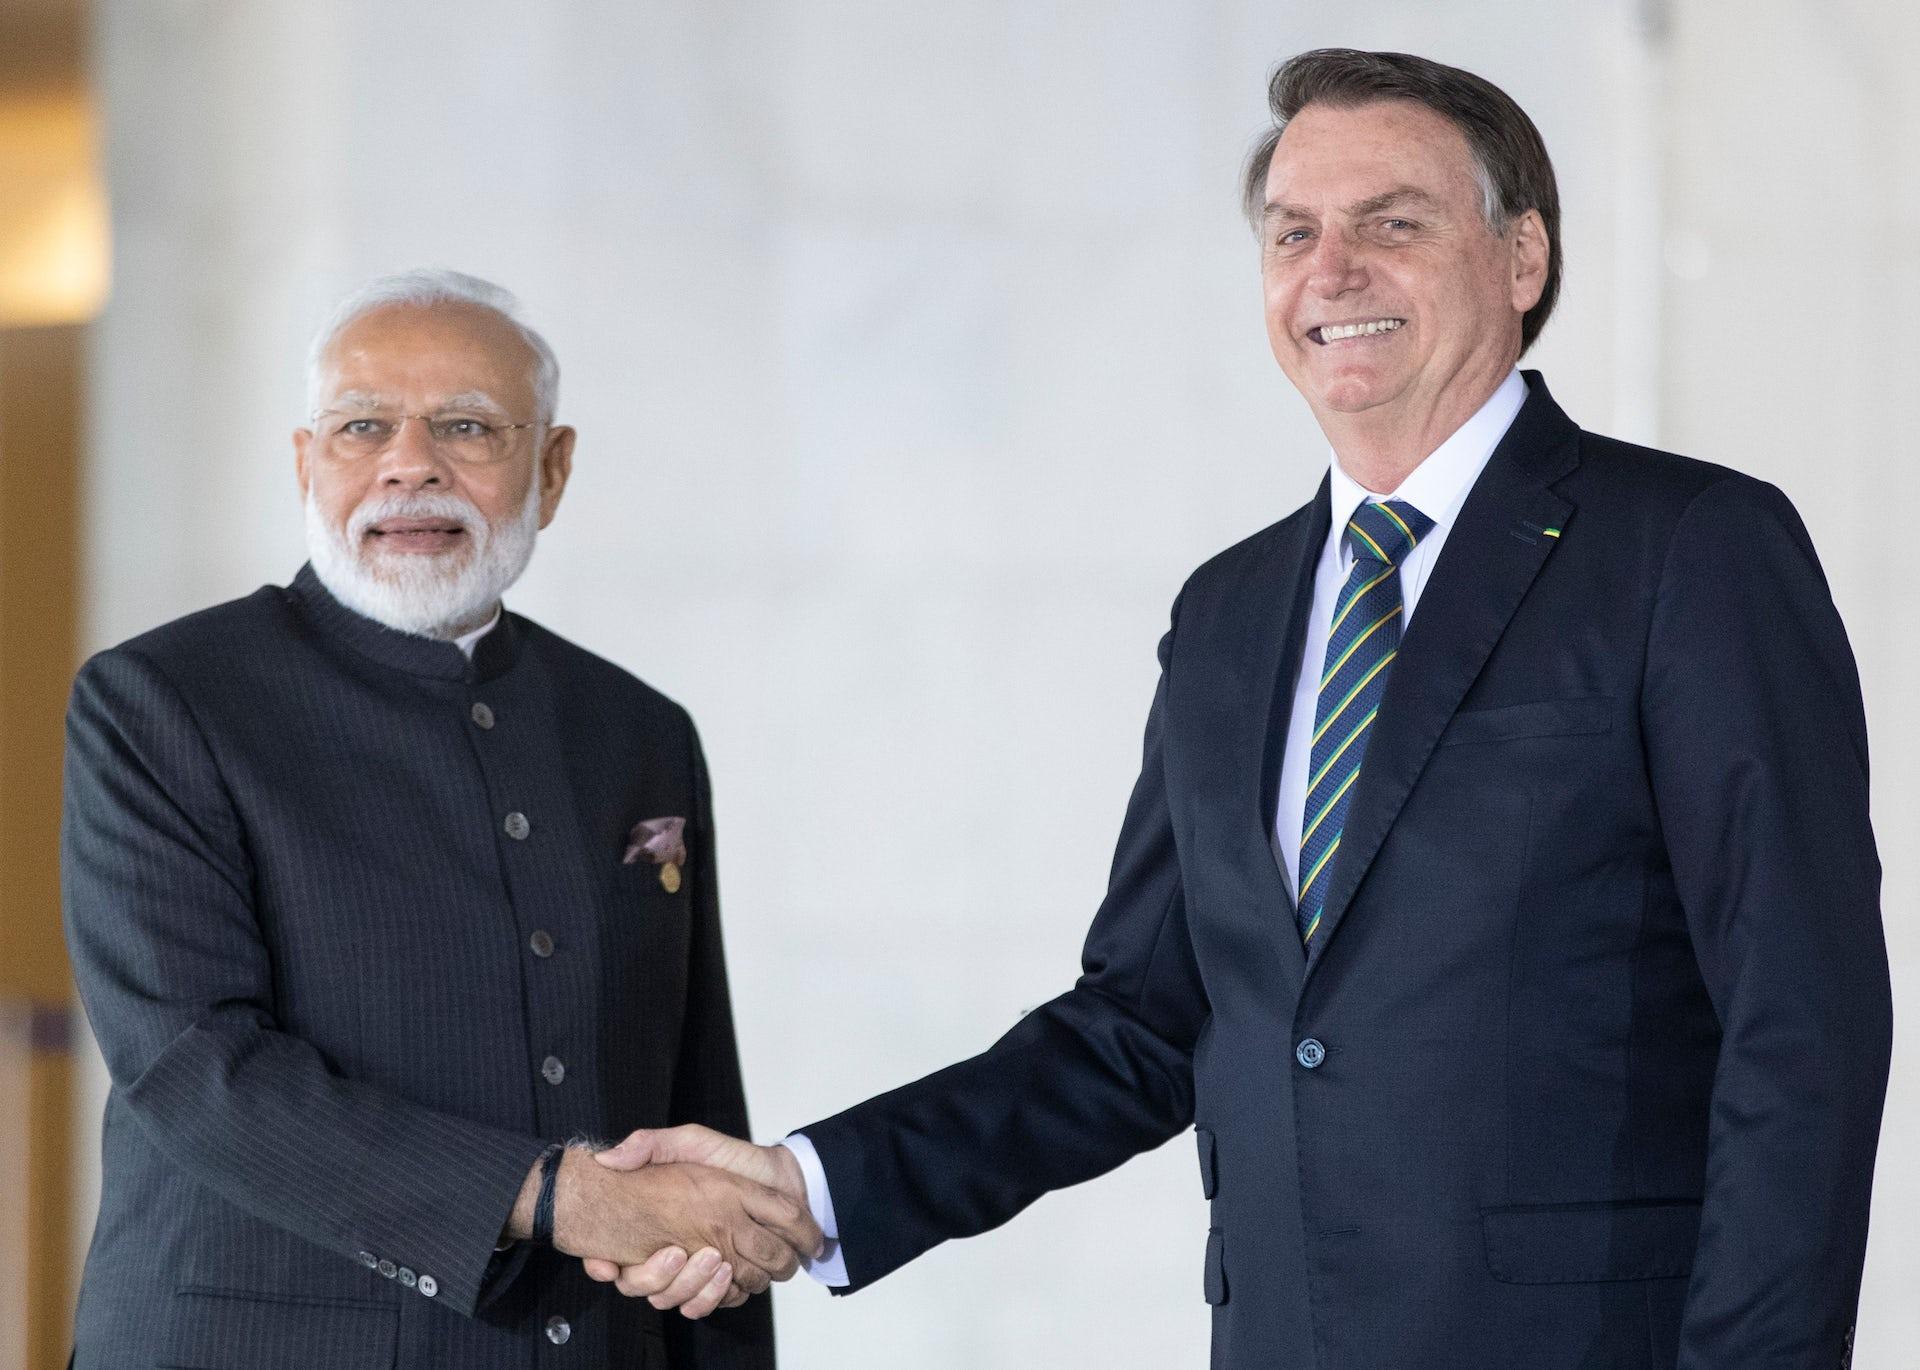 Modi and Bolsonaro shake hands